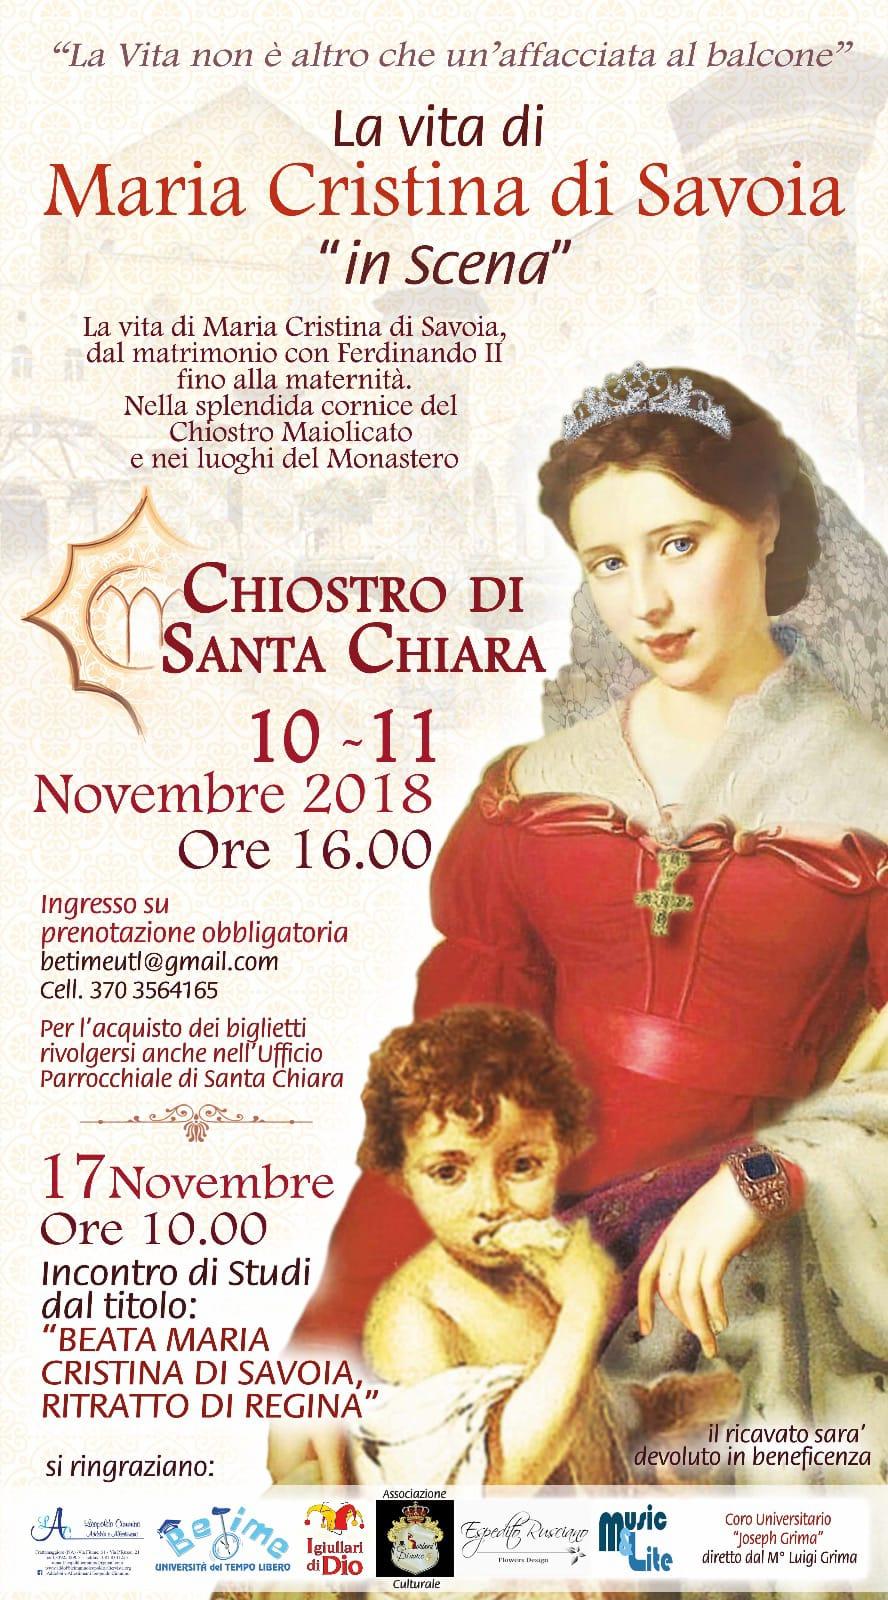 La vita di Maria Cristina di Savoia: da scoprire con BeTime!